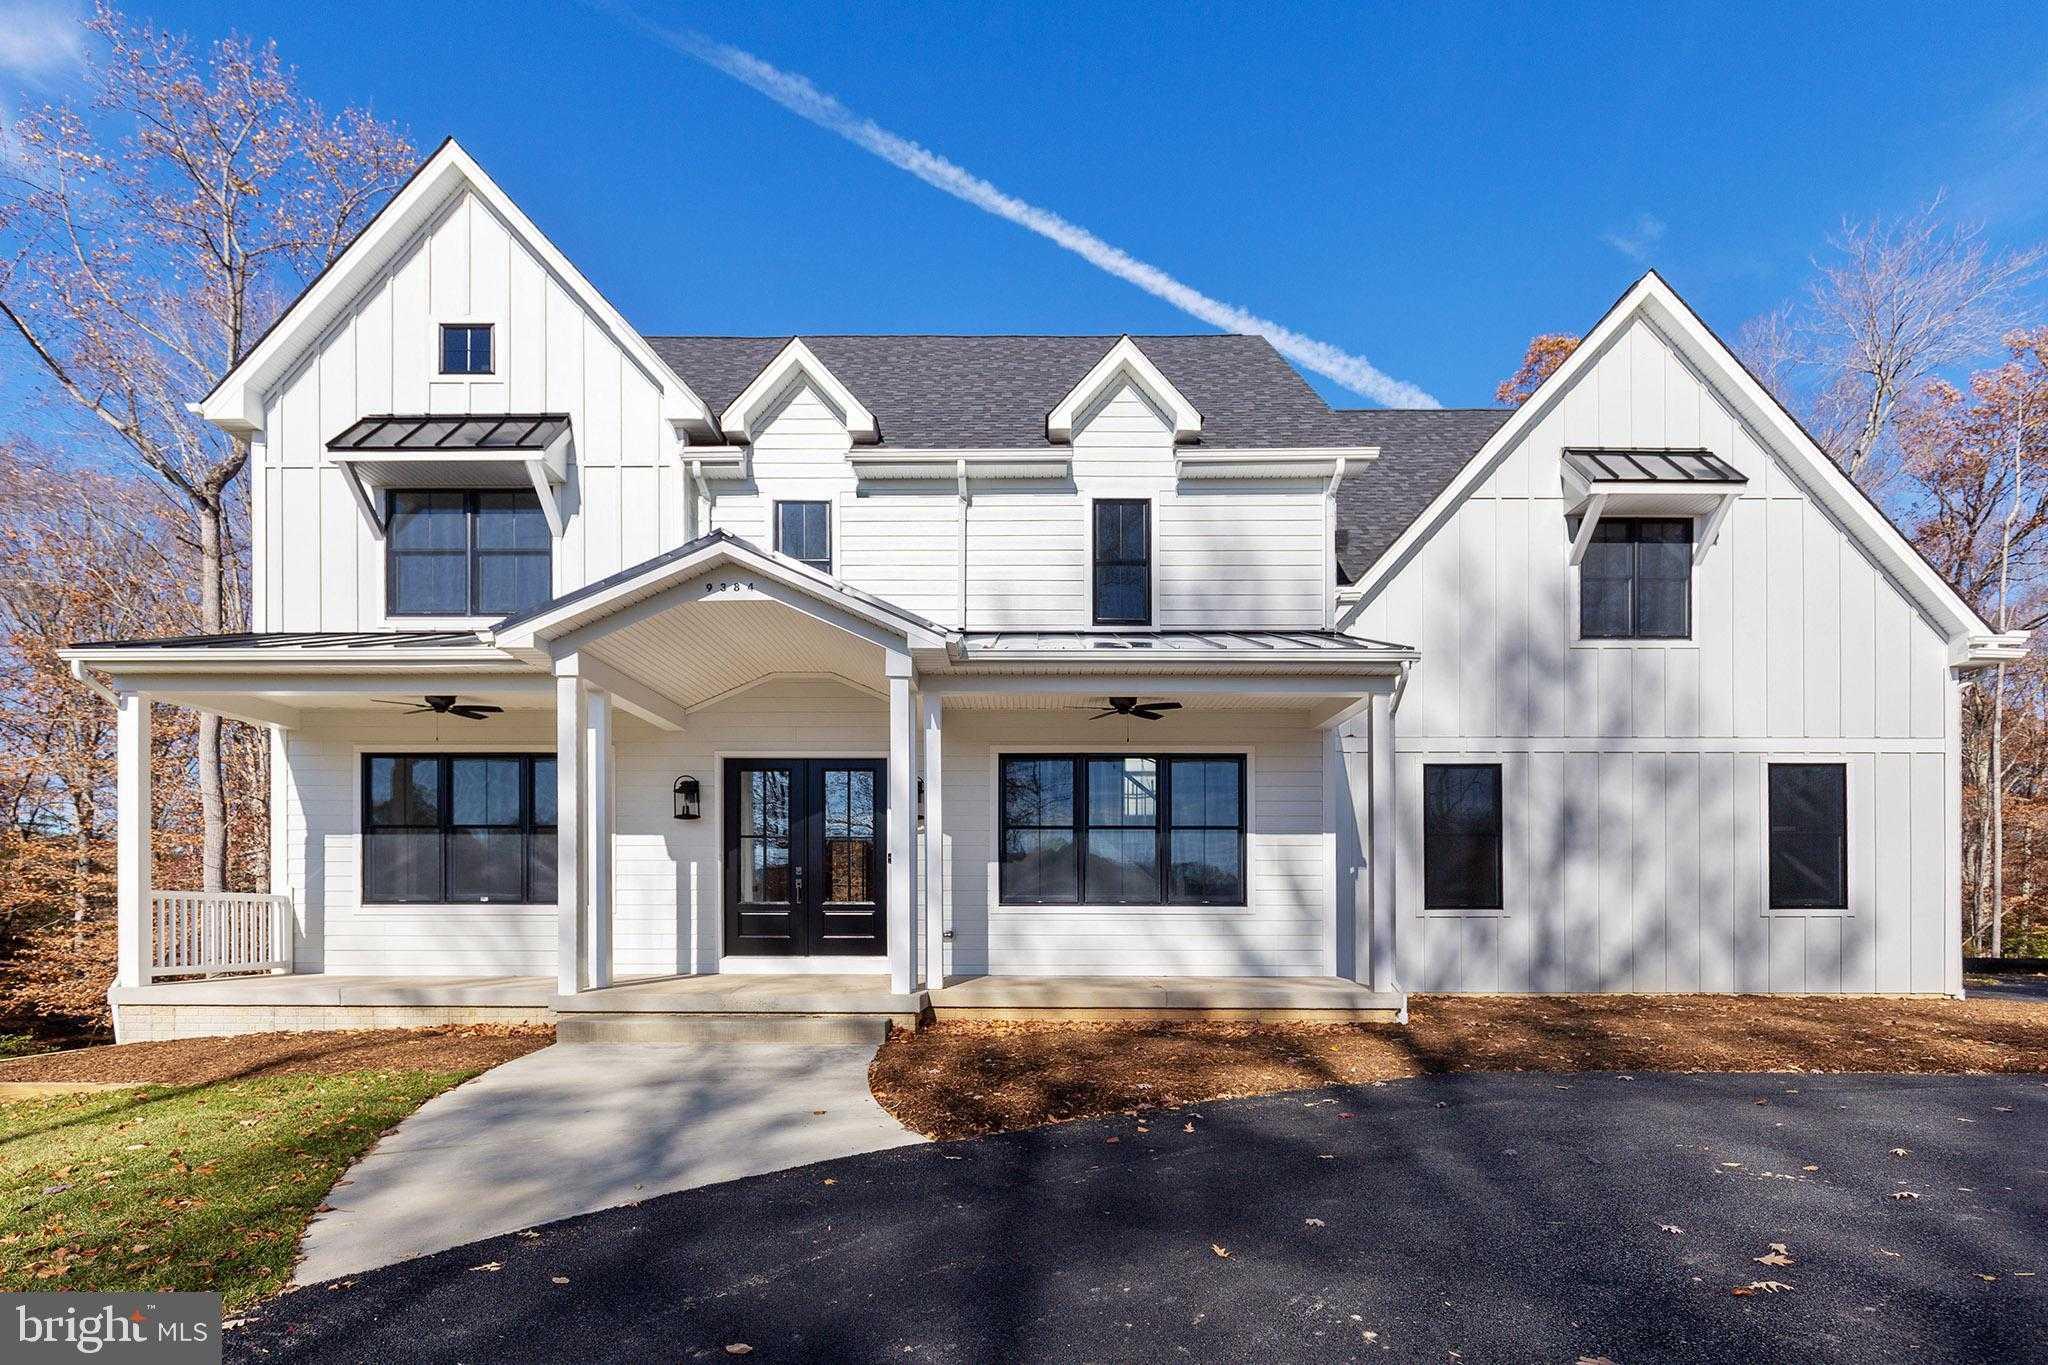 $746,656 - 5Br/4Ba -  for Sale in Kerrick Manor Sub, La Plata